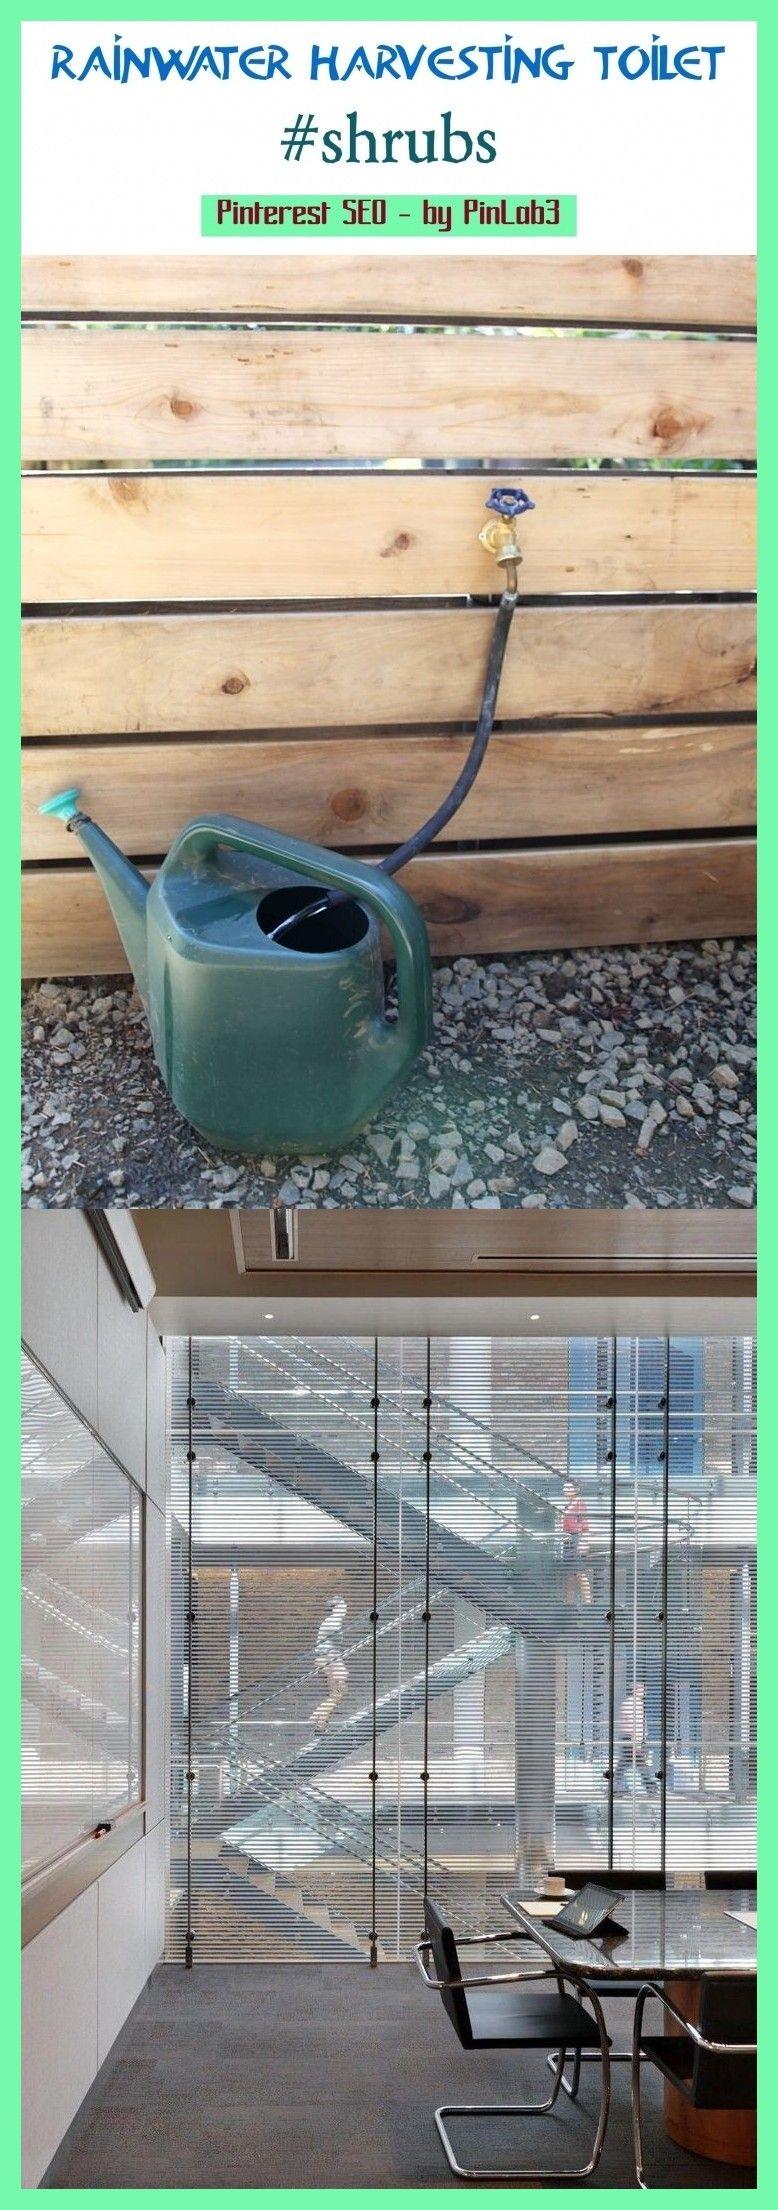 Rainwater harvesting toilet Regenwassertoilette  toilettes pour la récupération des eaux de pluie  inodoro para la recolección de agua de lluvia  rai...